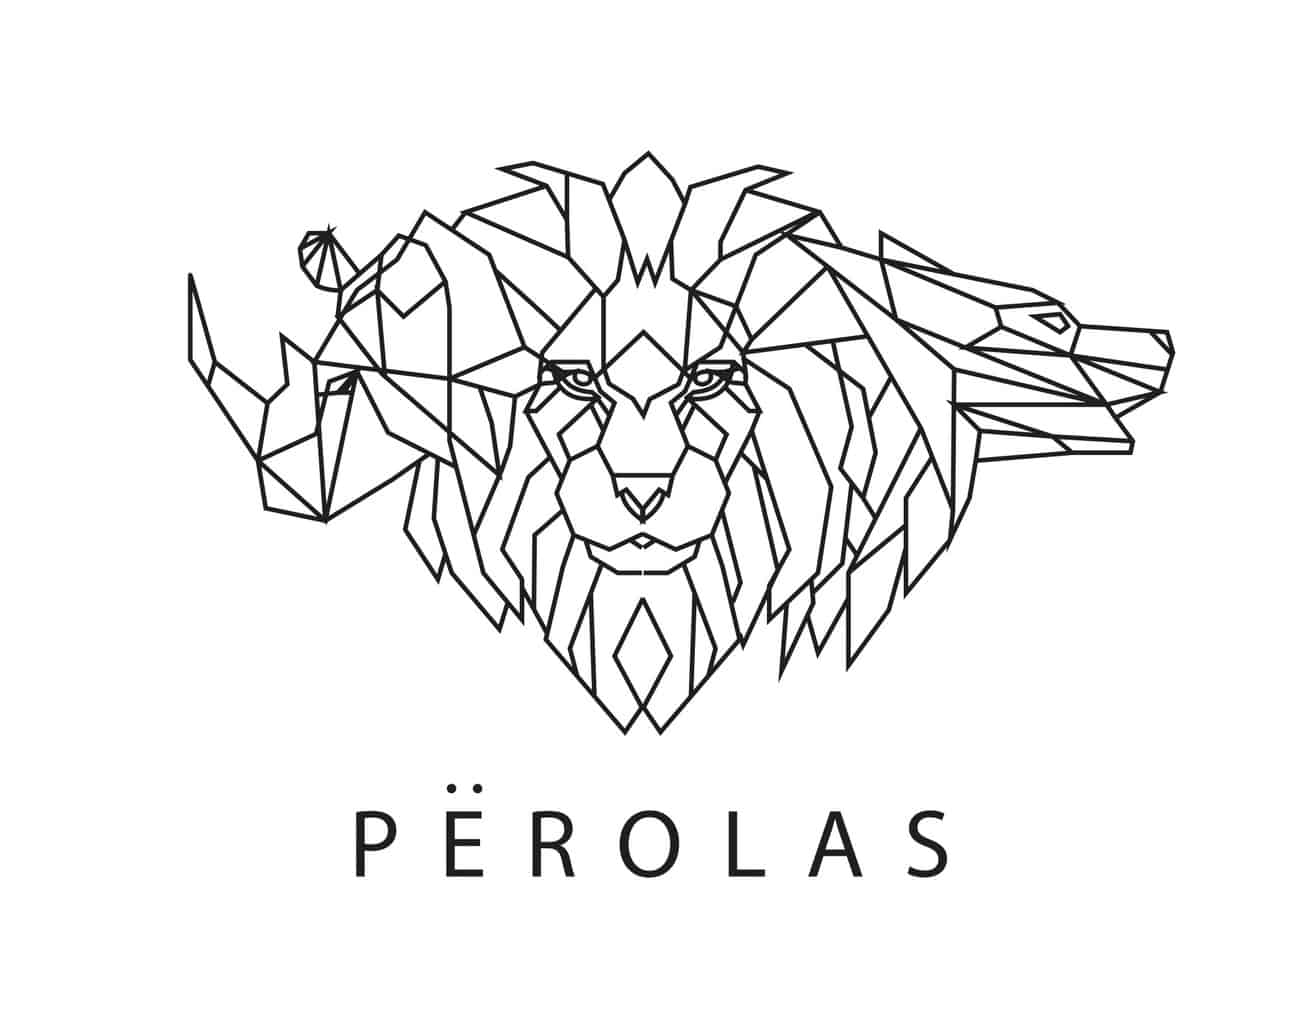 Scene News: PEROLAS Release 'Watercolours' Single and Video